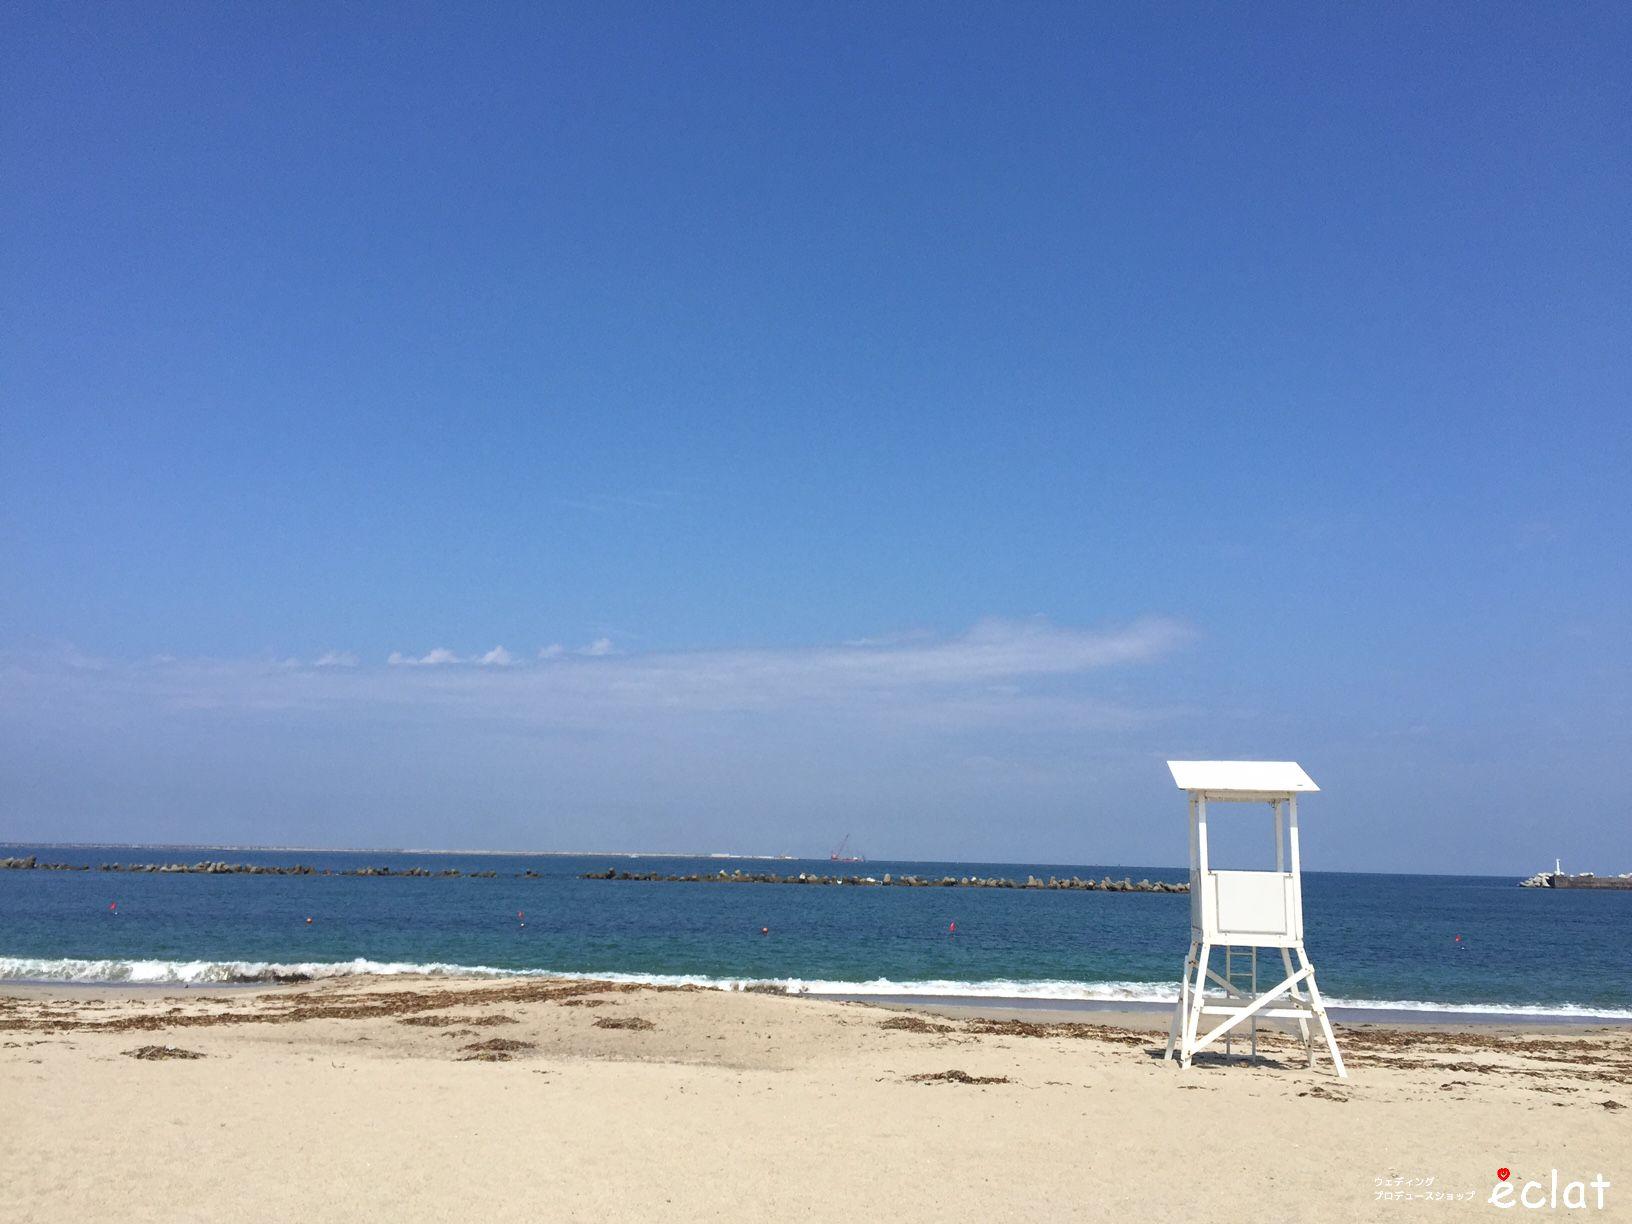 浜辺で結婚式 ビーチウエディング 海で結婚式 水戸 茨城 ウエディングプロデュースショップ エクラ eclat